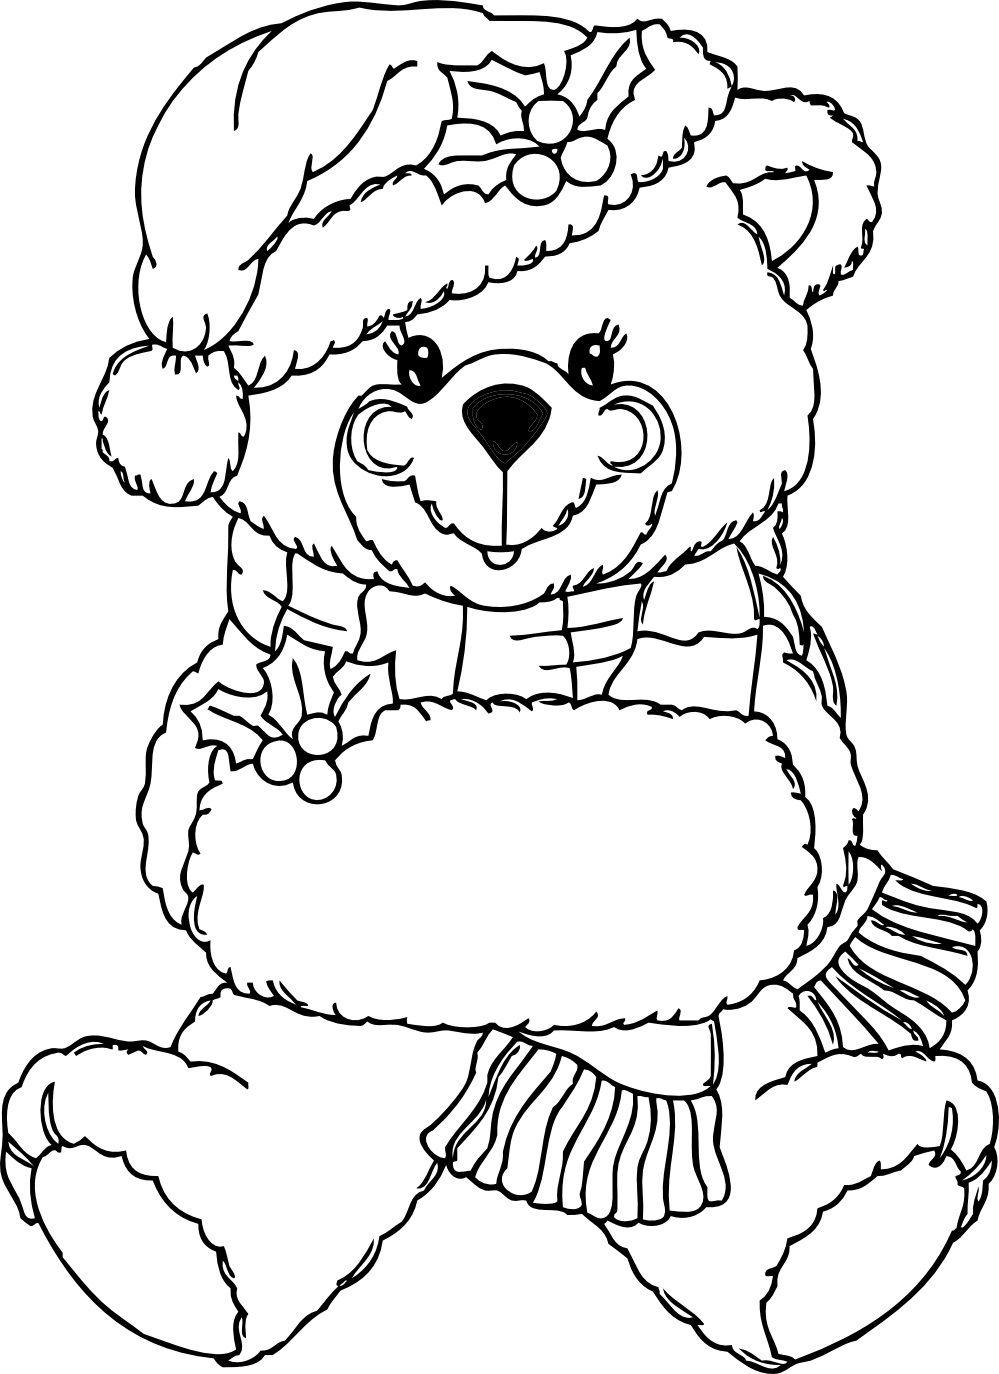 Free Printable Teddy Bear Coloring Pages For Kids In 2021 Weihnachtsmalvorlagen Malvorlagen Fur Kinder Malvorlagen Weihnachten